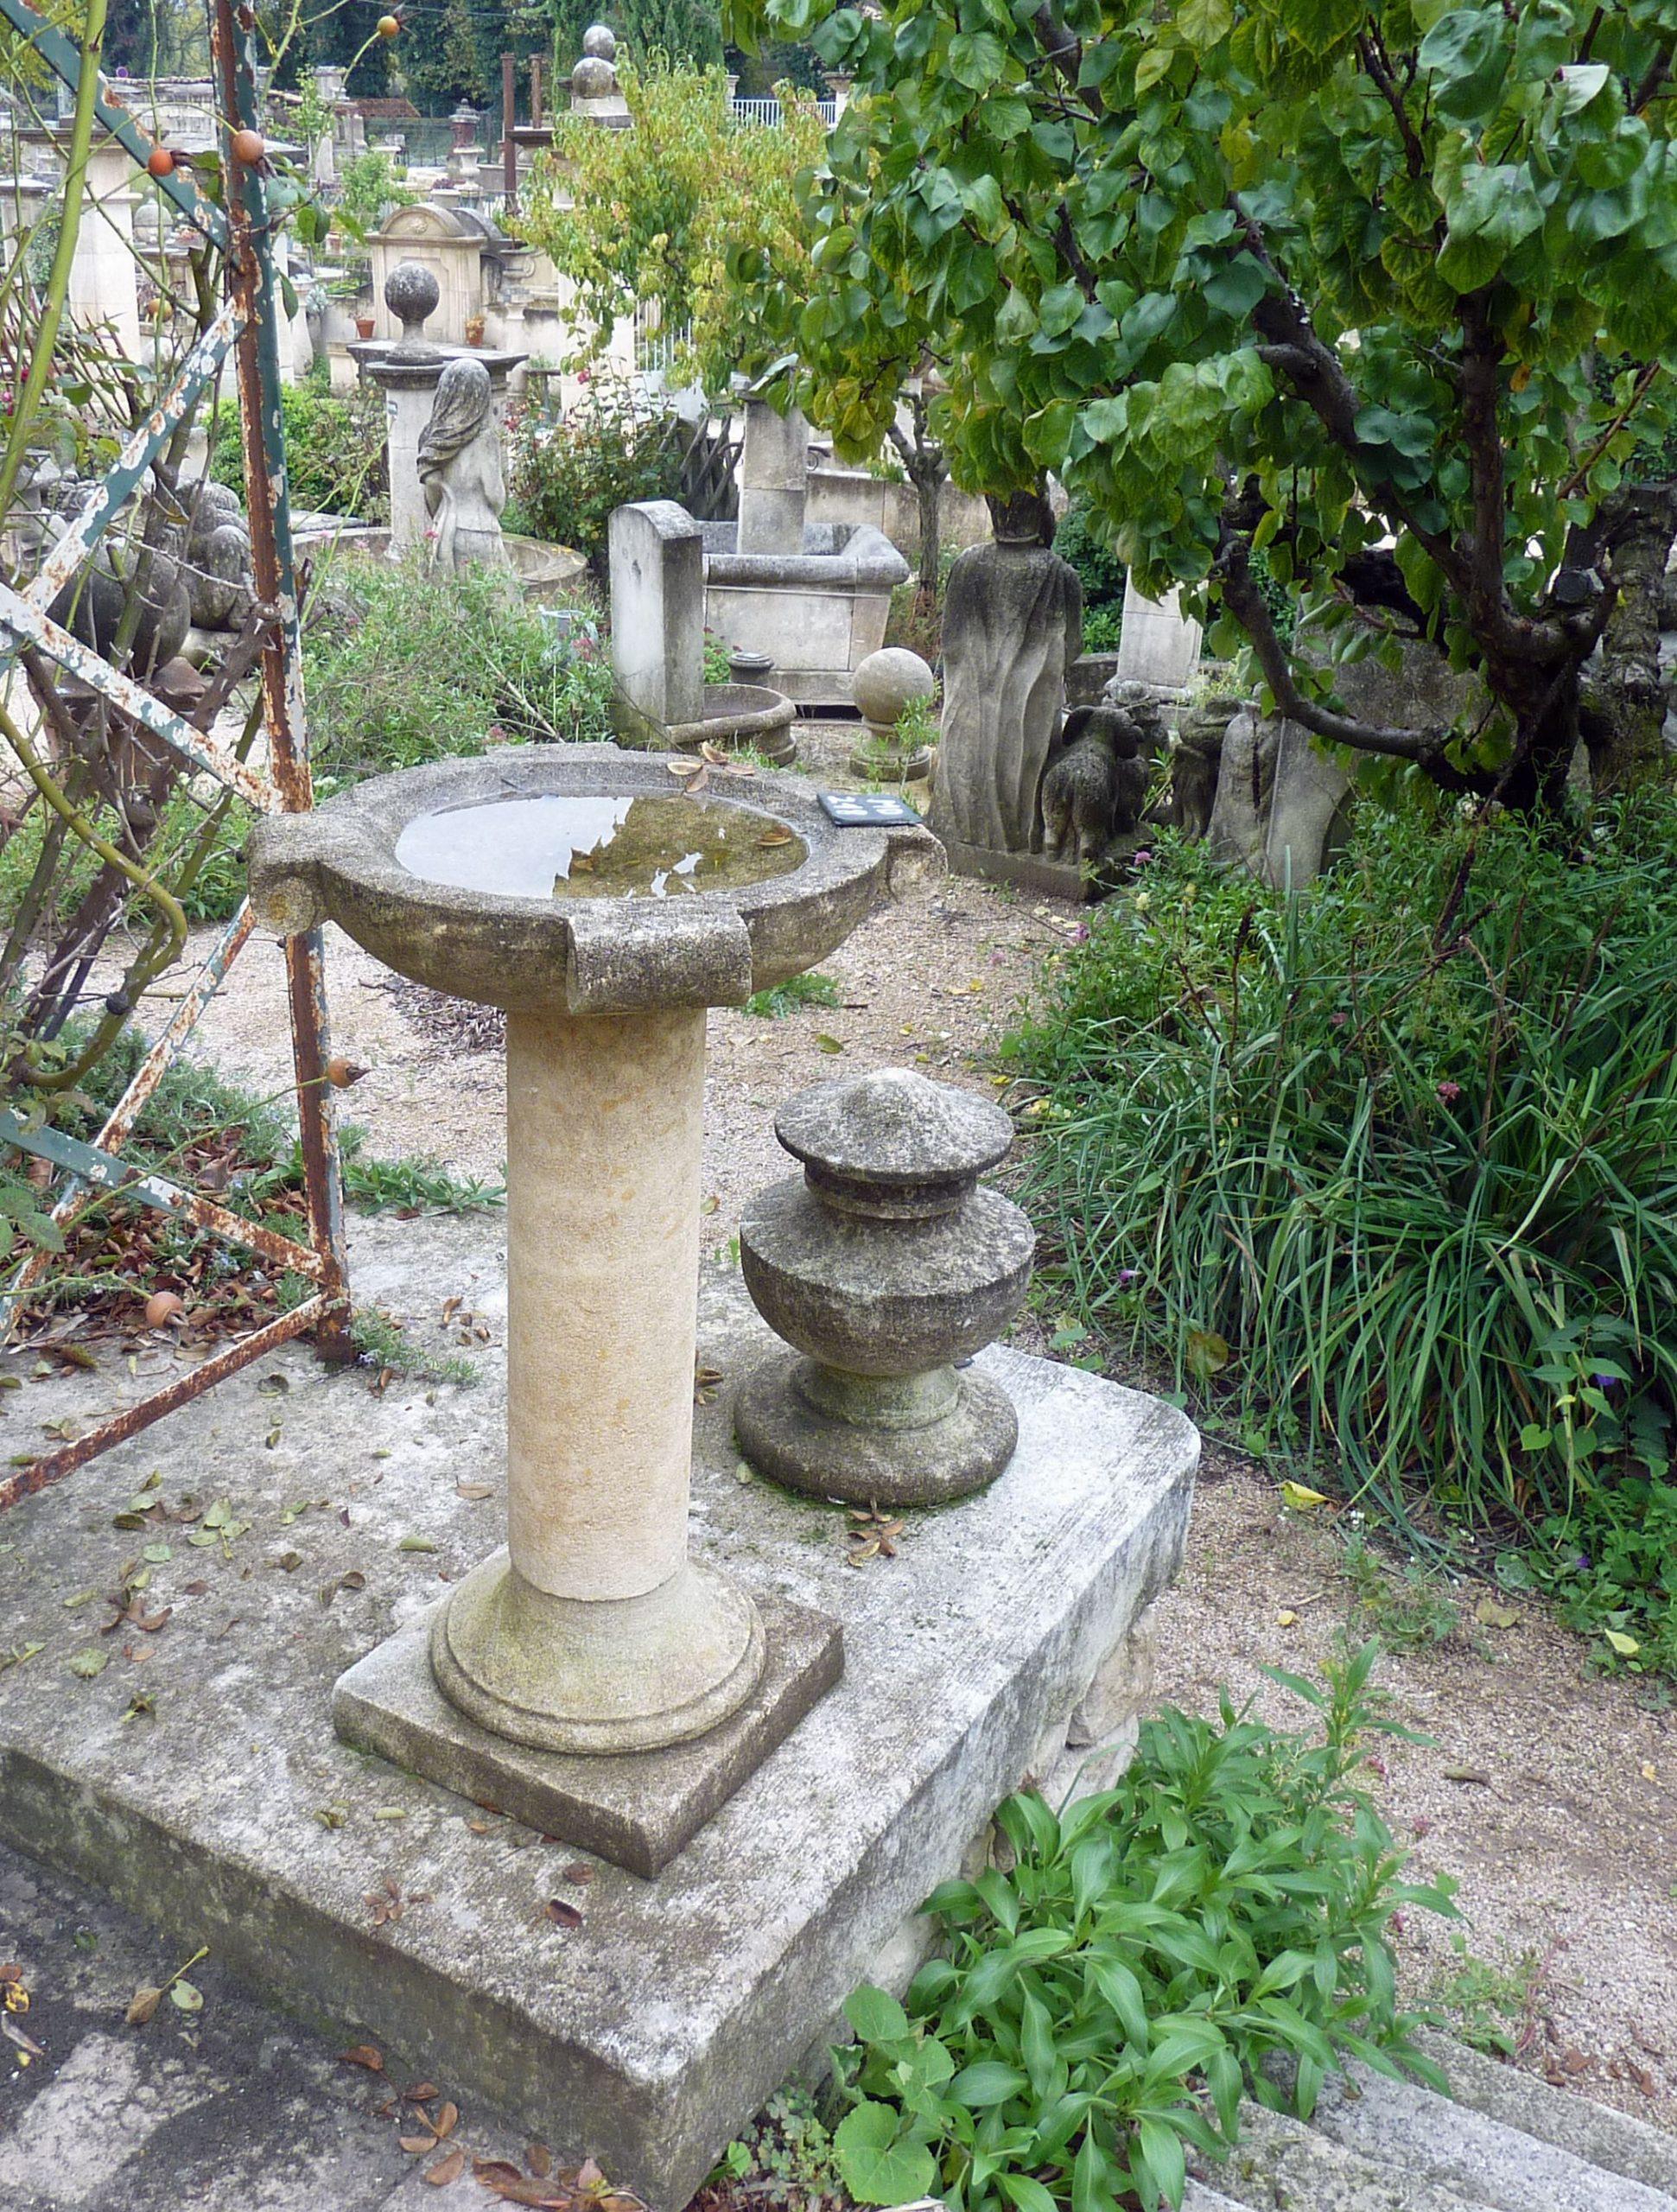 Superbe Idée Déco Pour Un Jardin Ou Une Terrasse Signée ... encequiconcerne Vasque Jardin Pierre